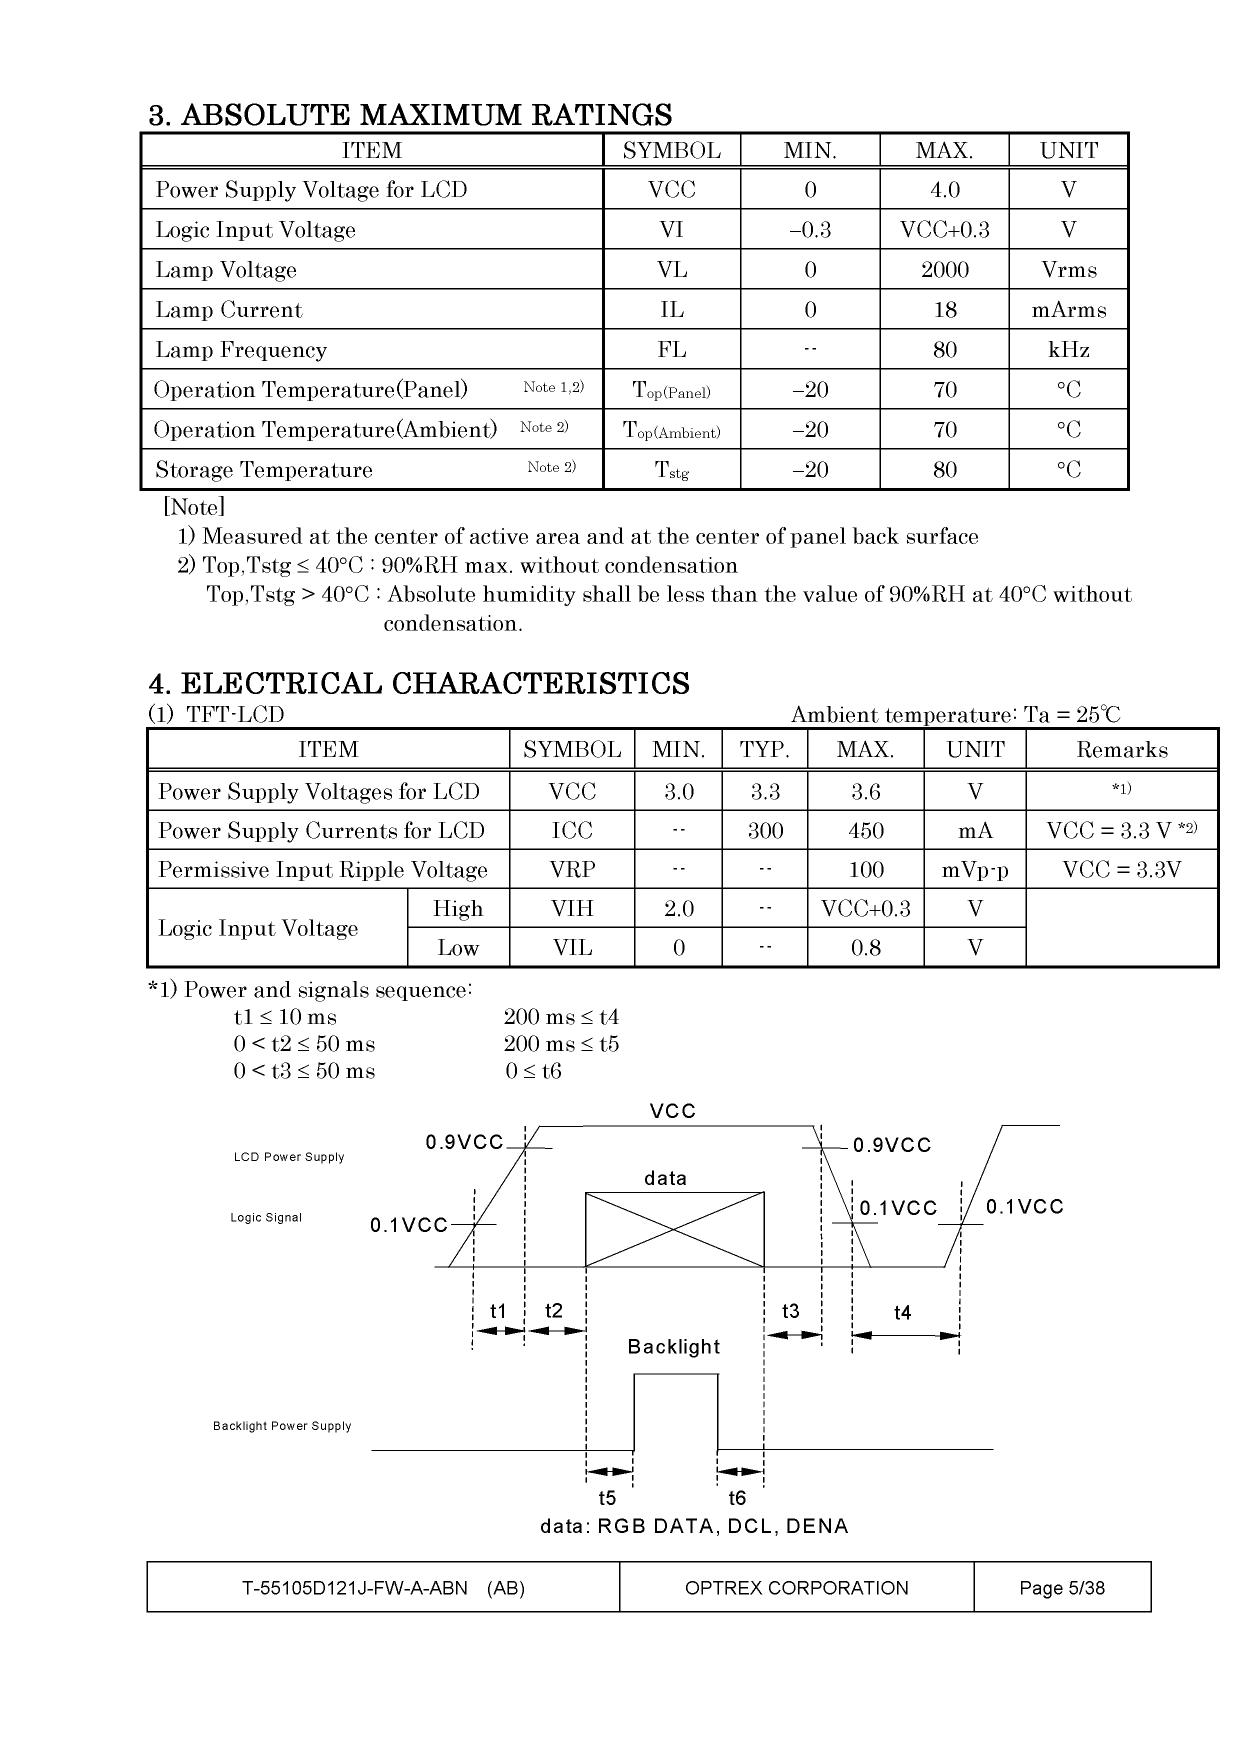 T-55105D121J-FW-A-ABN pdf